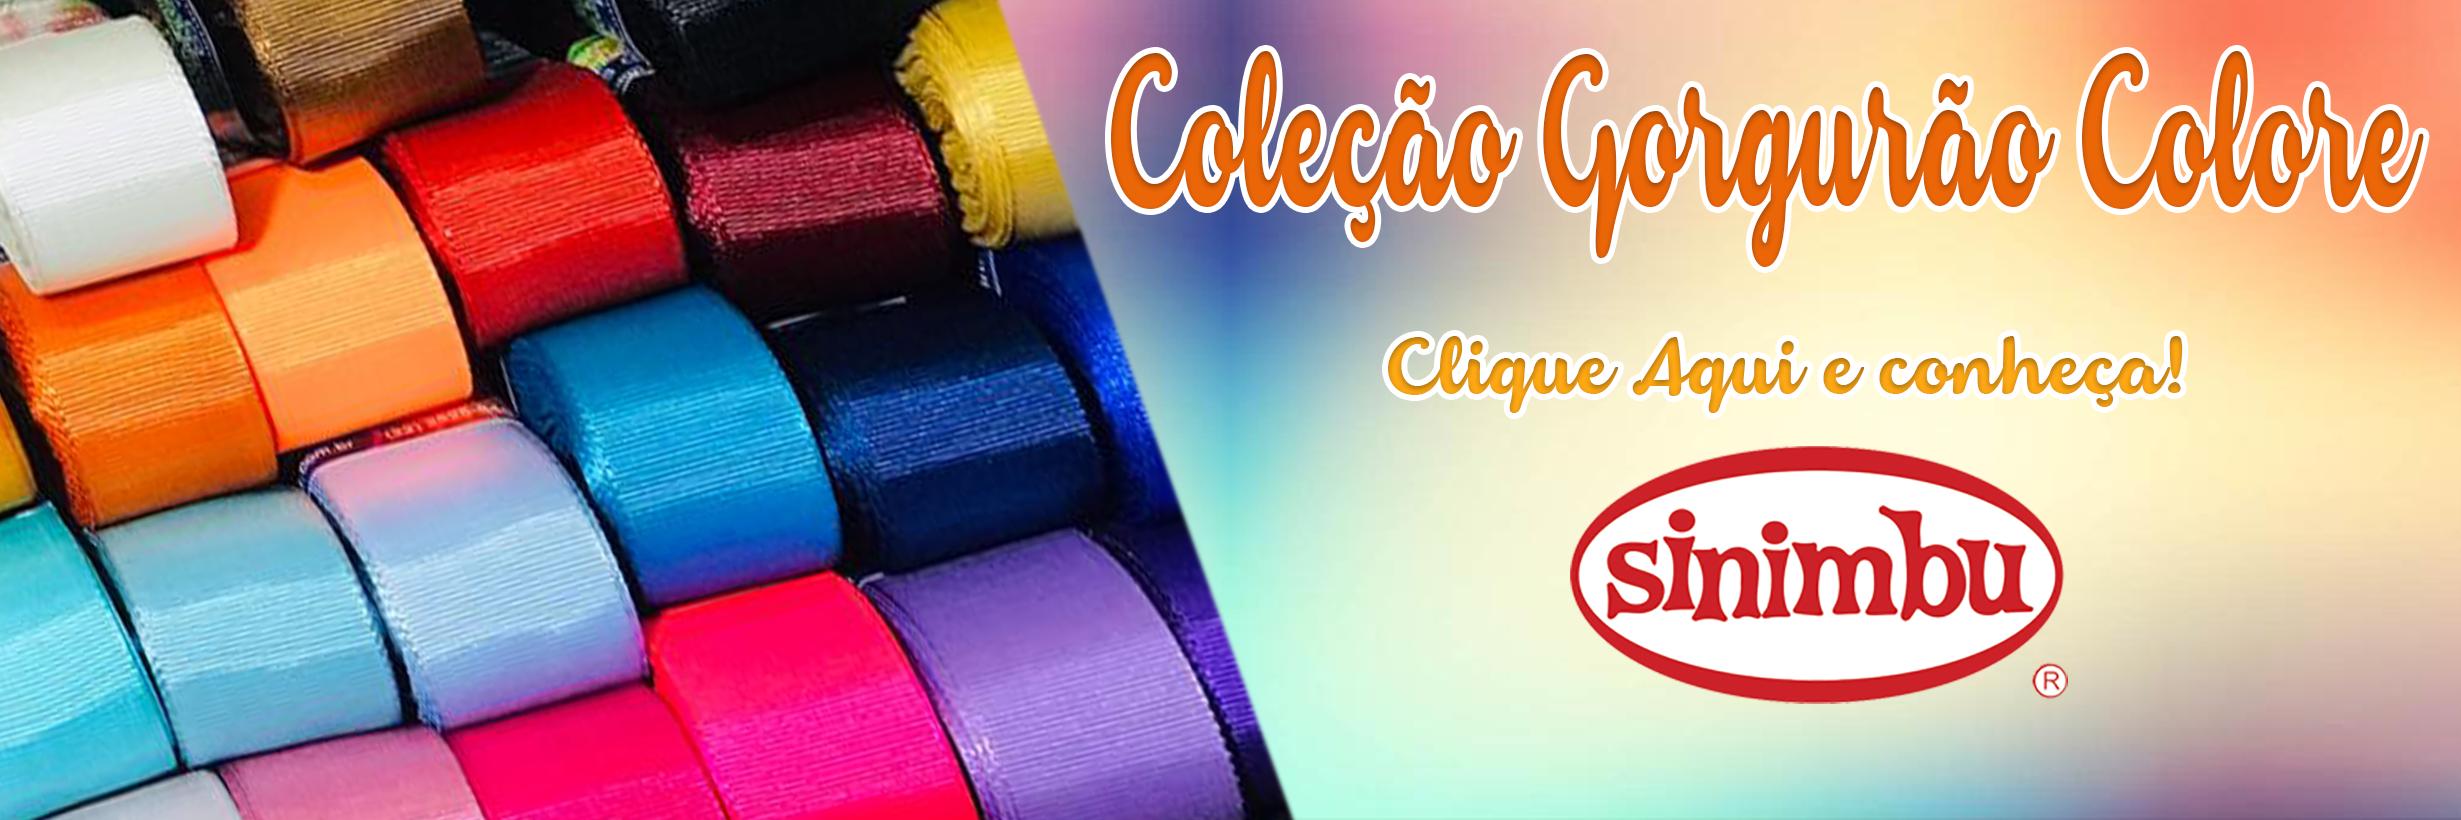 Coleção Gorgurão Colore